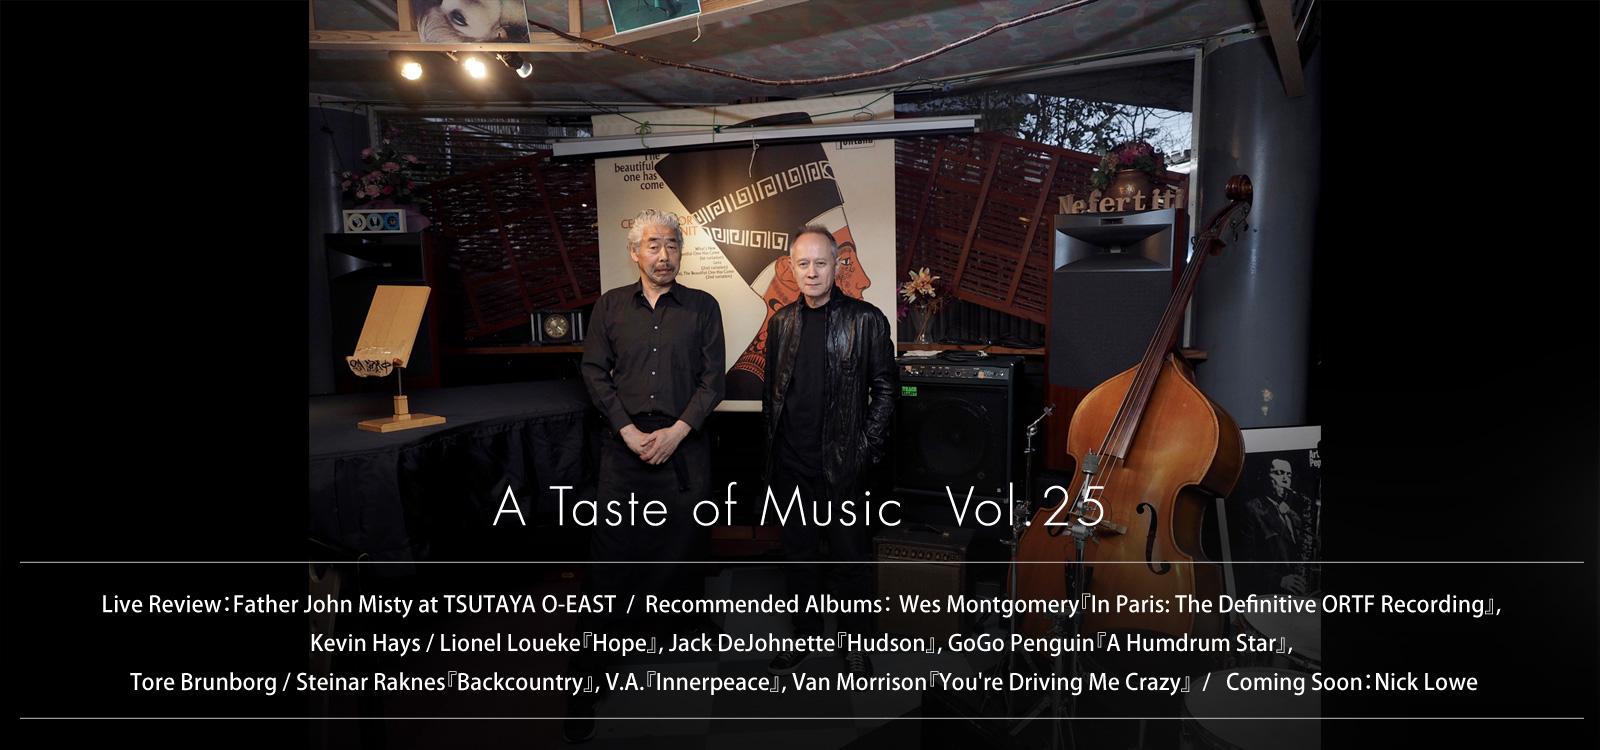 slider image A Taste of Music Vol.25